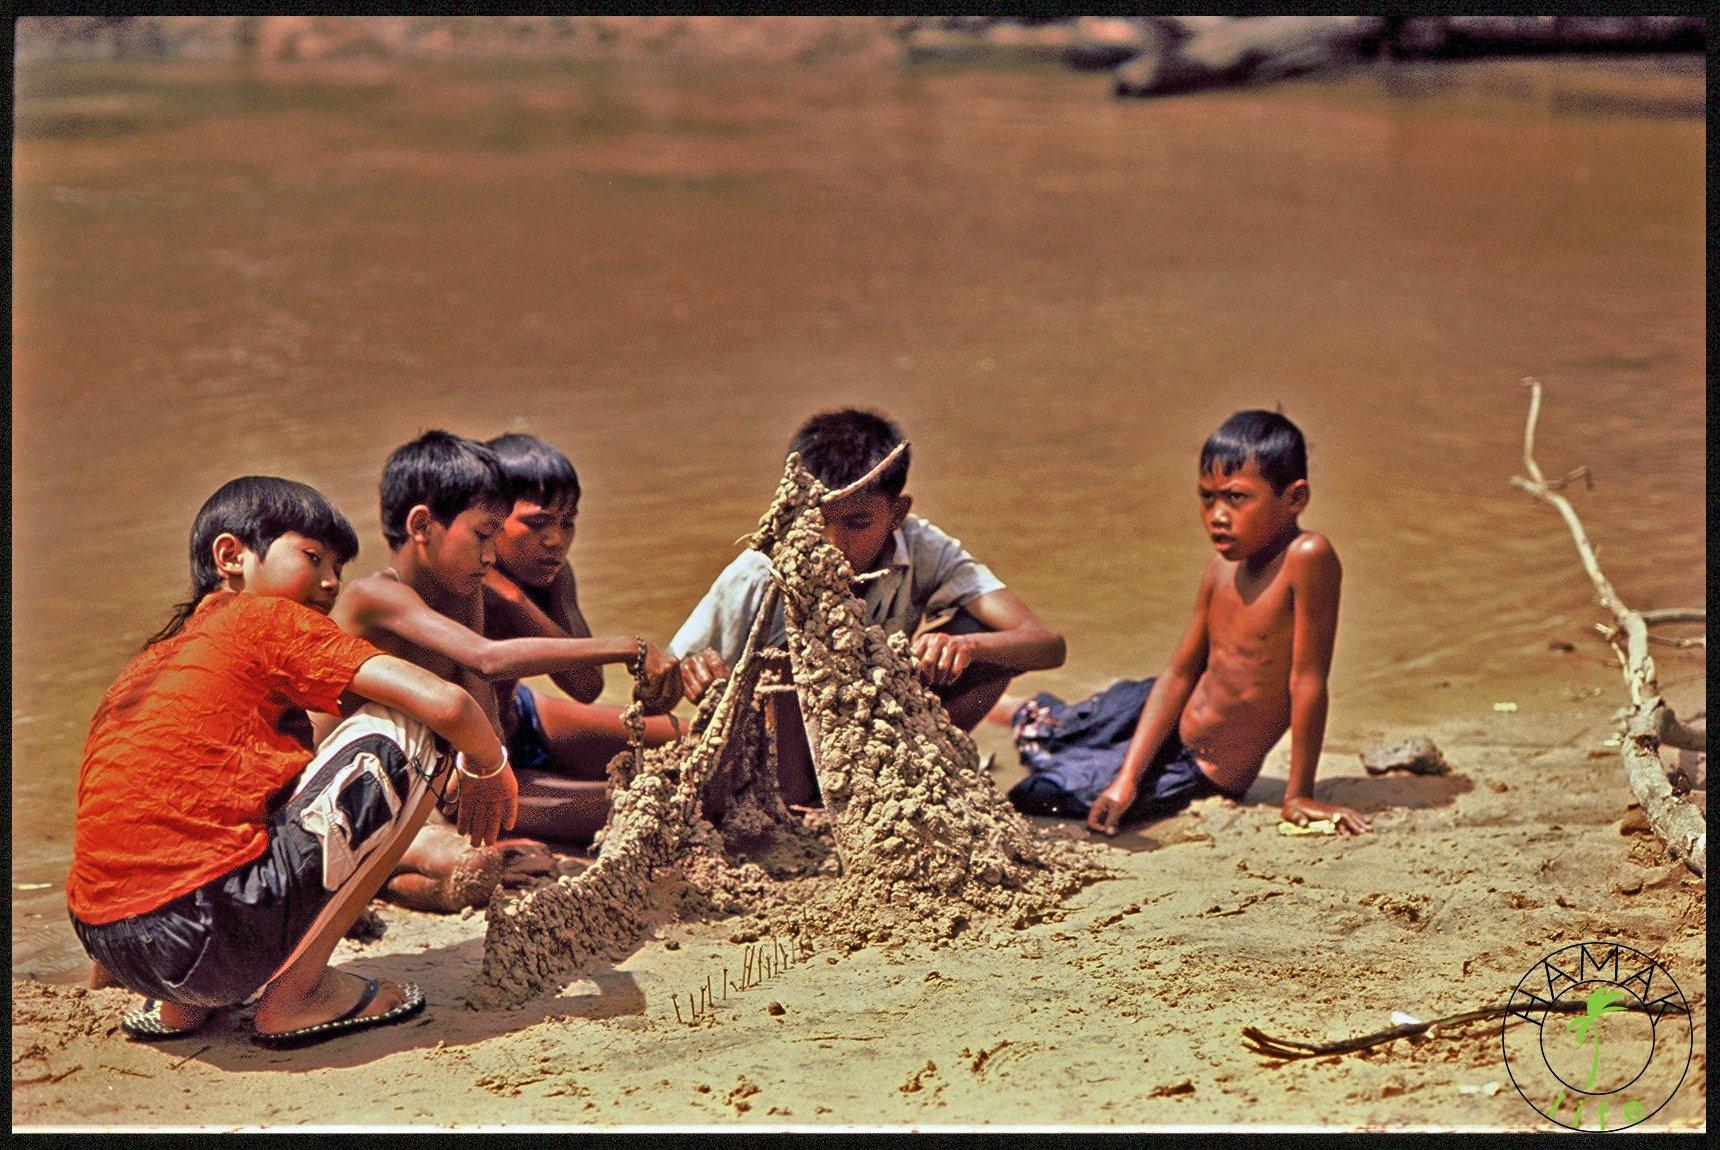 Chłopcy nad rzeką w Kambodży budują zamki z piasku